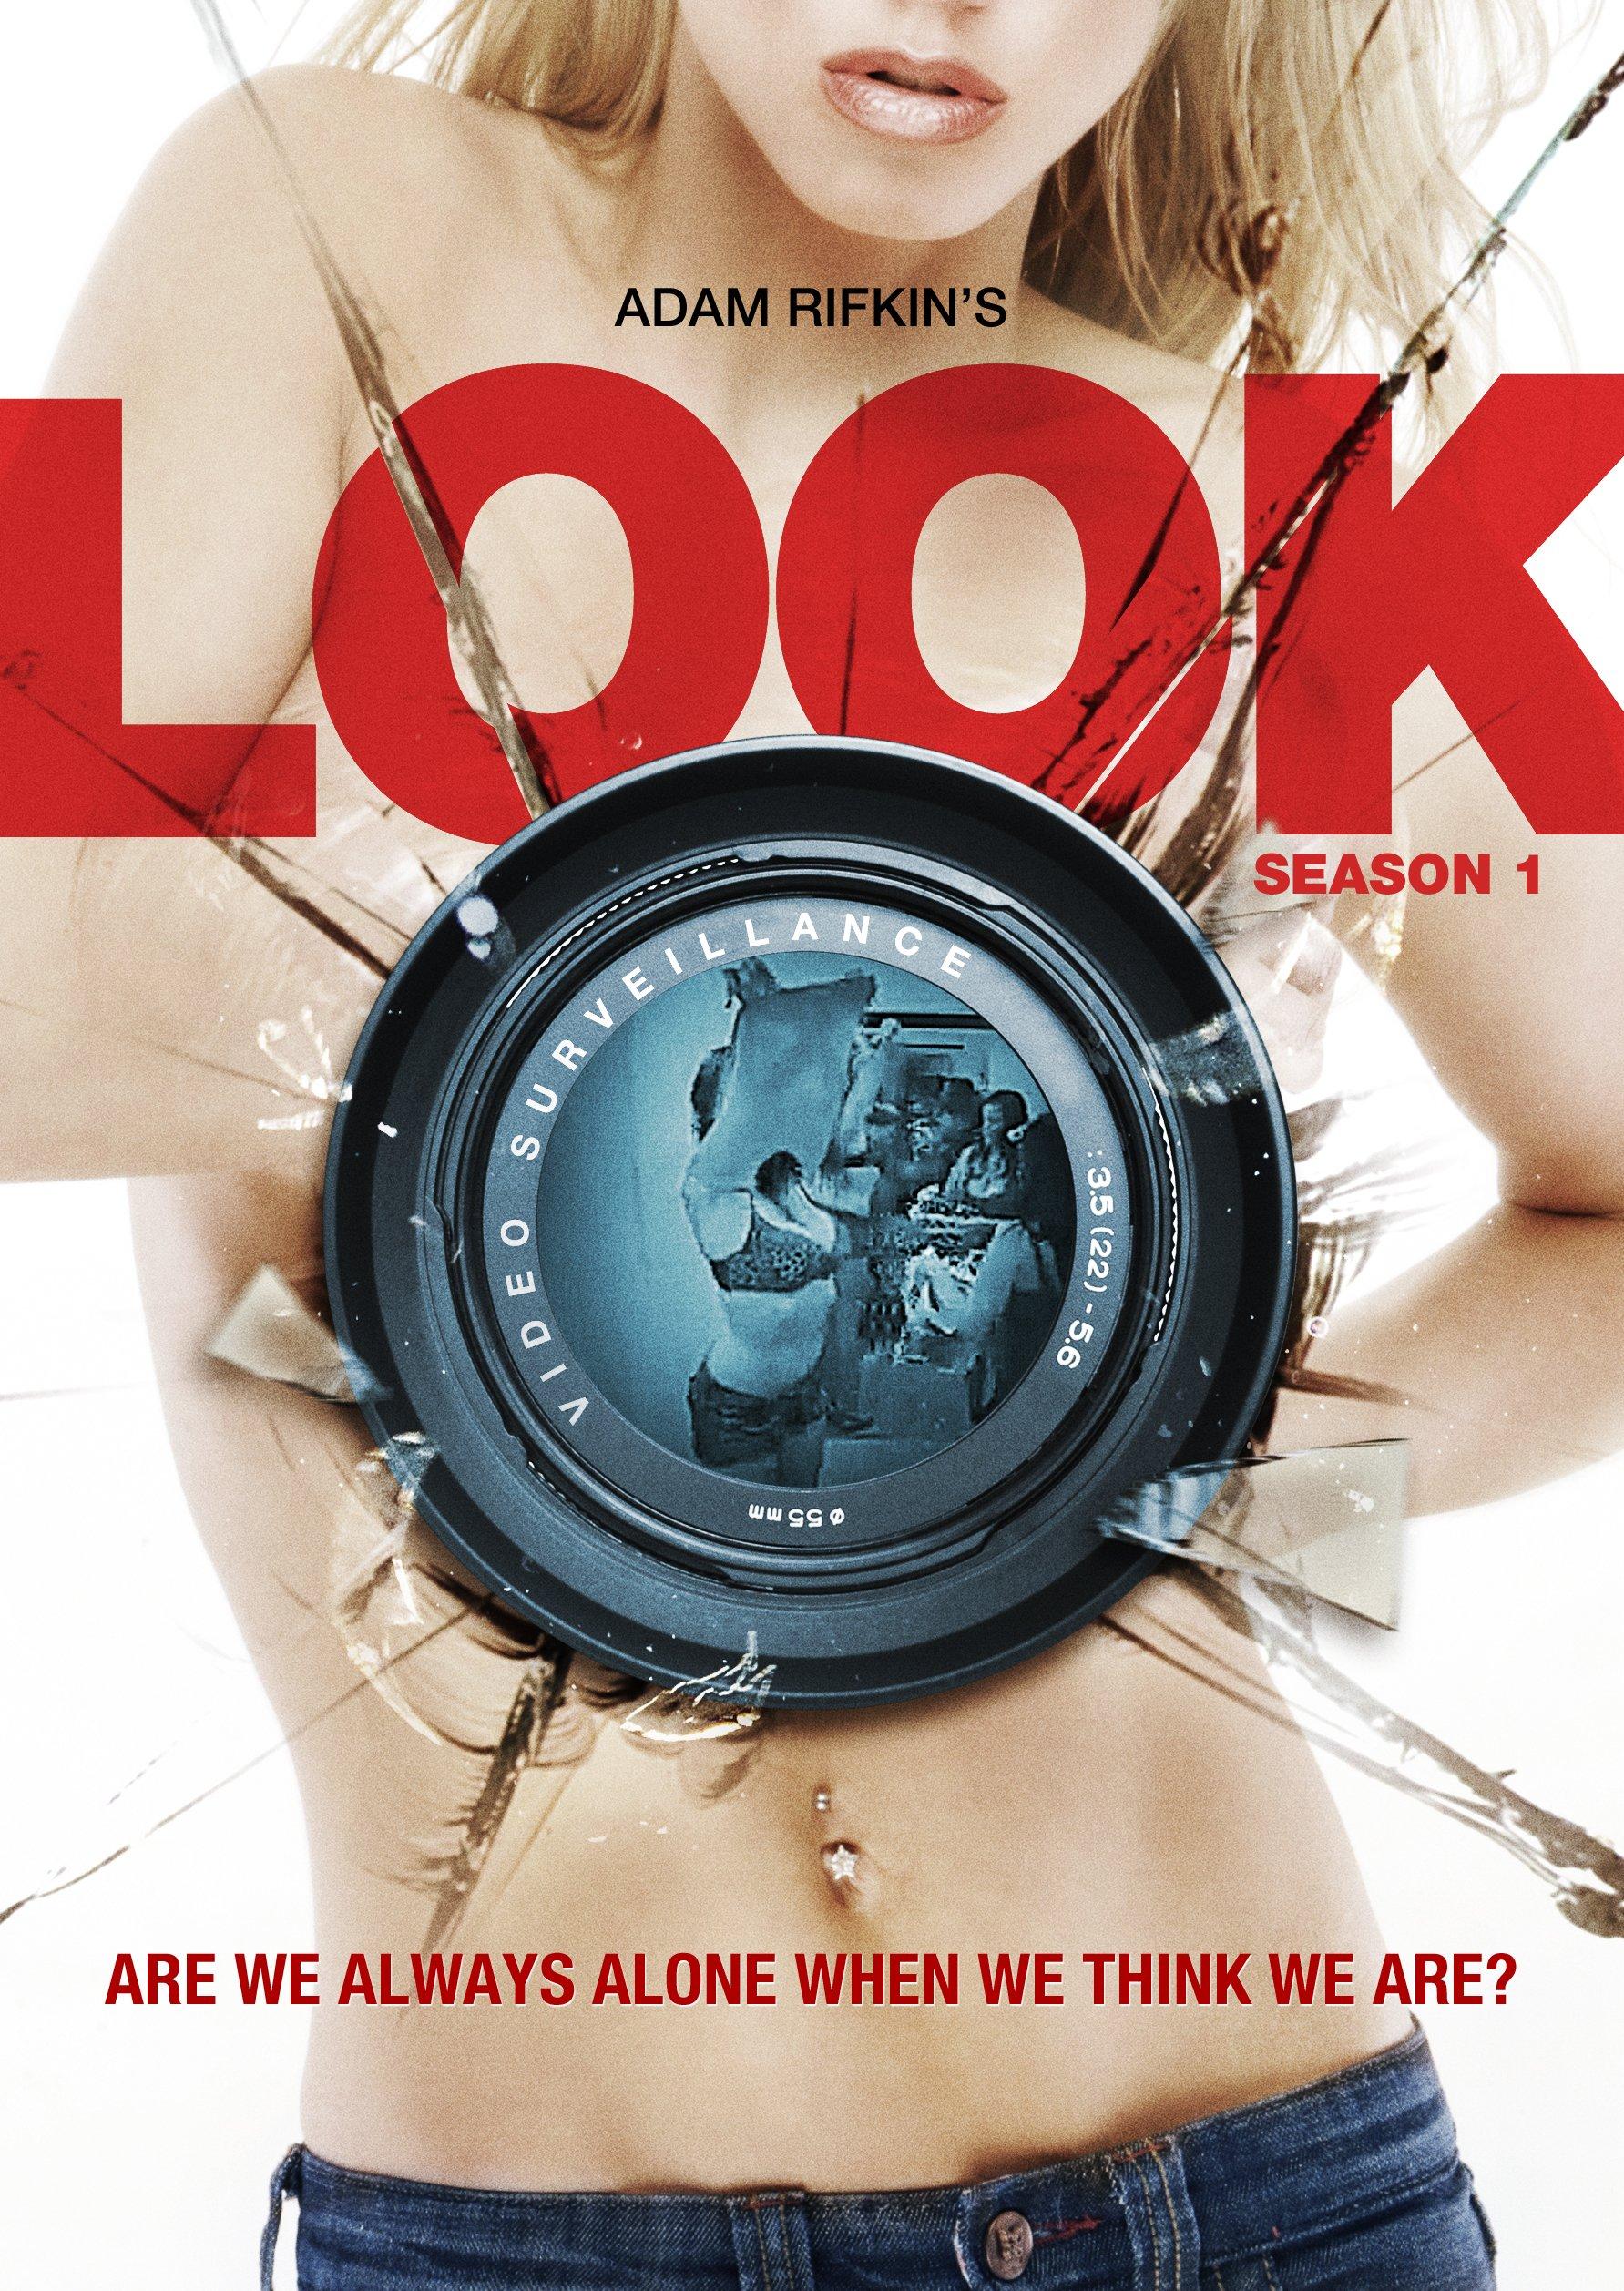 Buy Look Now!